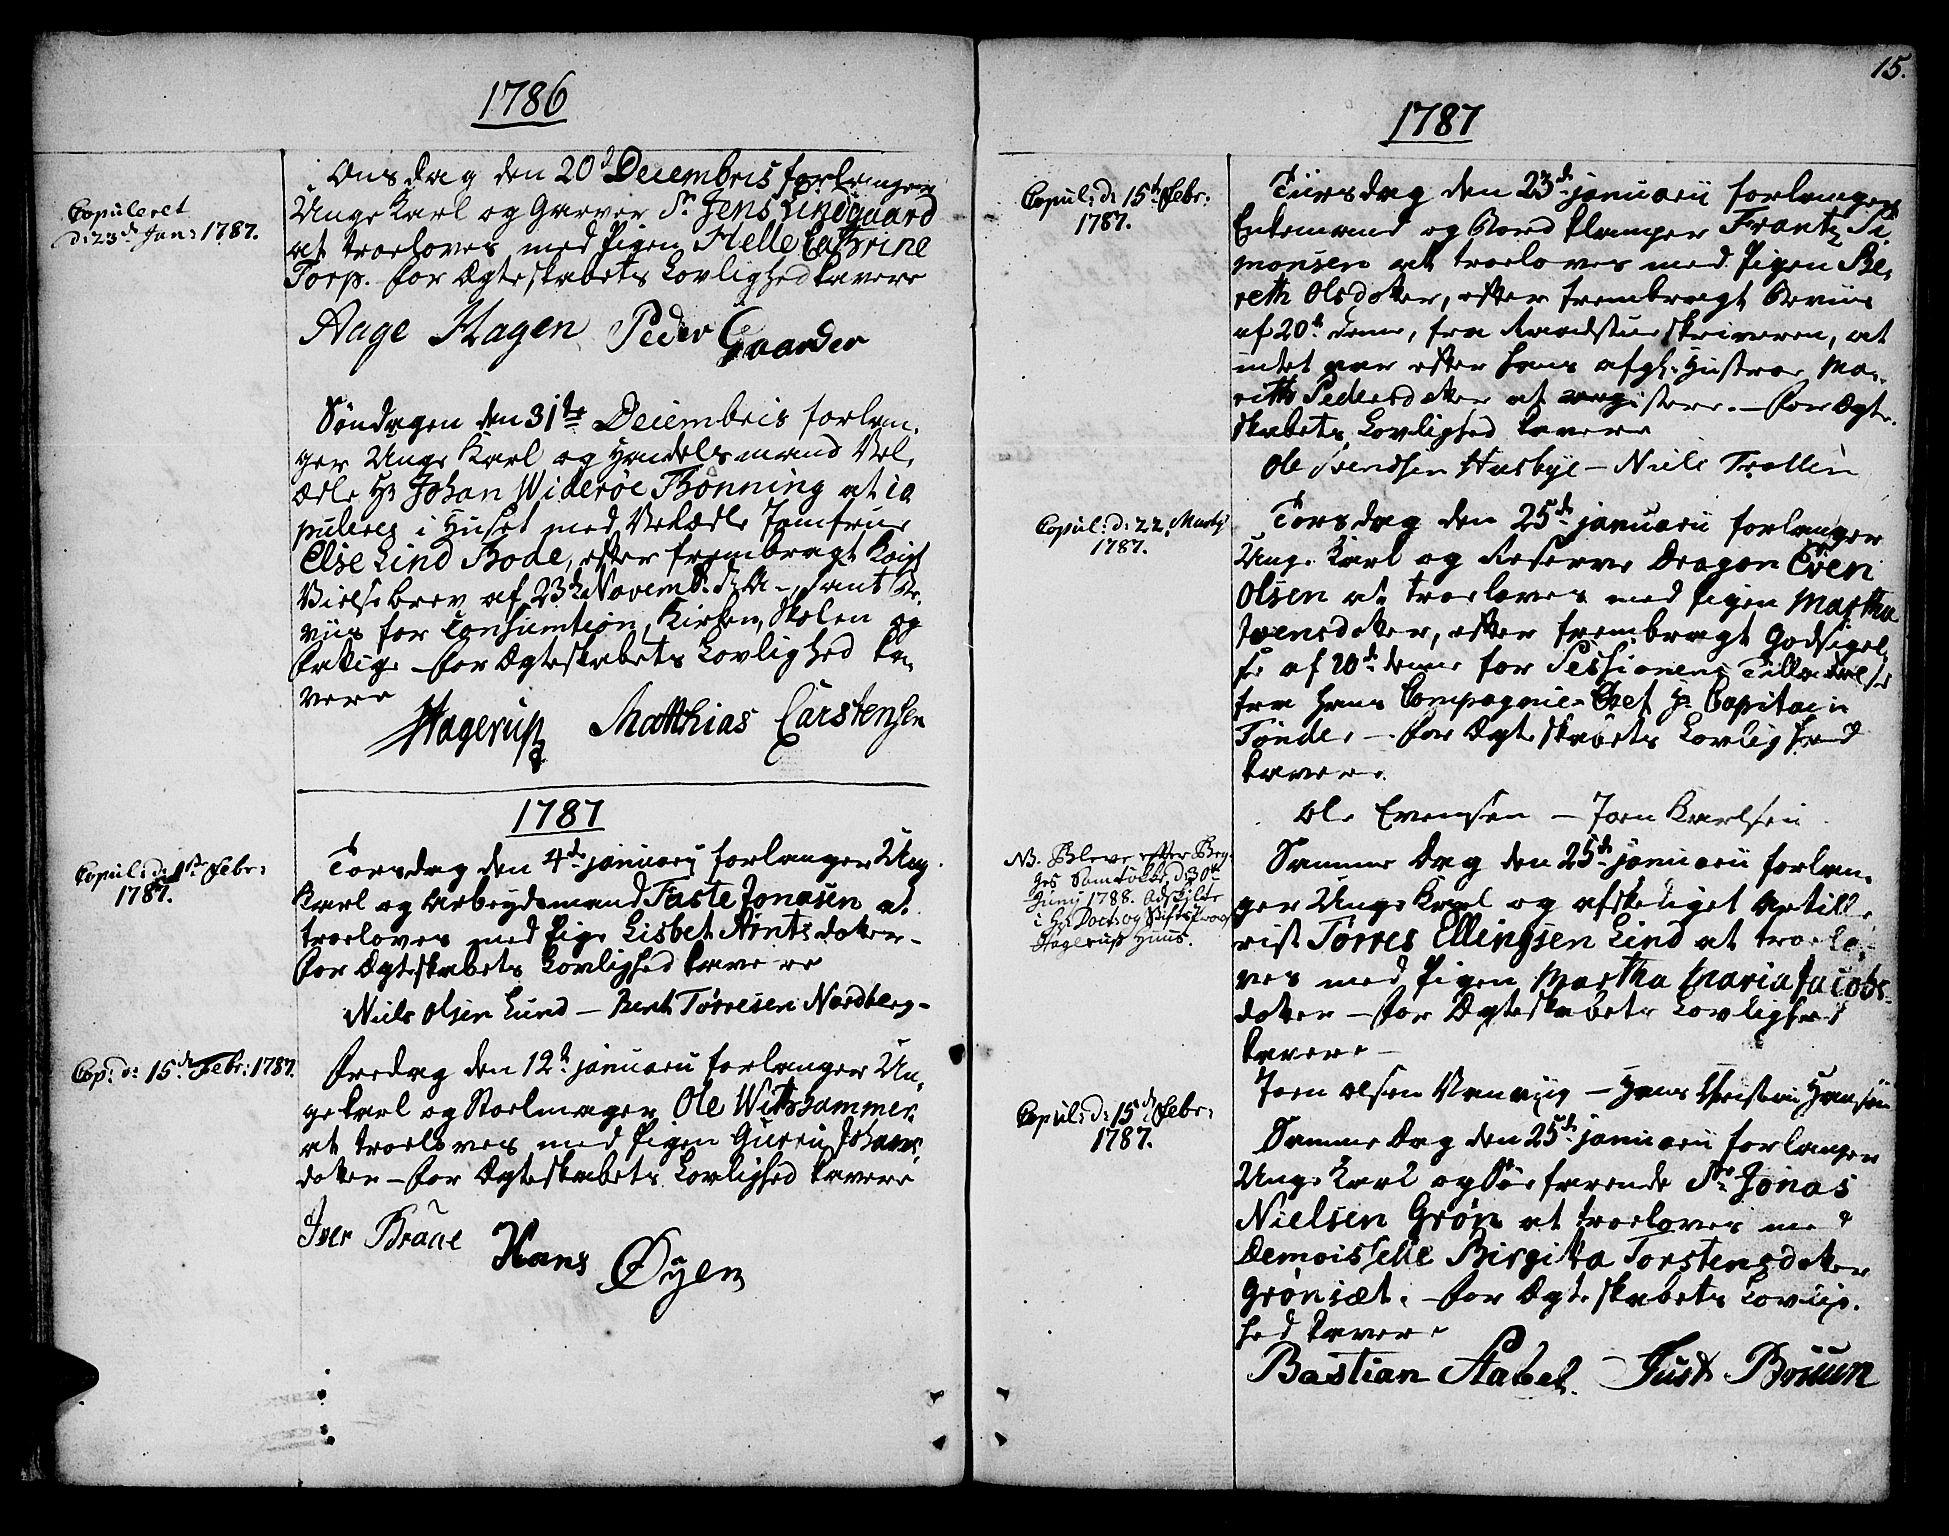 SAT, Ministerialprotokoller, klokkerbøker og fødselsregistre - Sør-Trøndelag, 601/L0041: Ministerialbok nr. 601A09, 1784-1801, s. 15